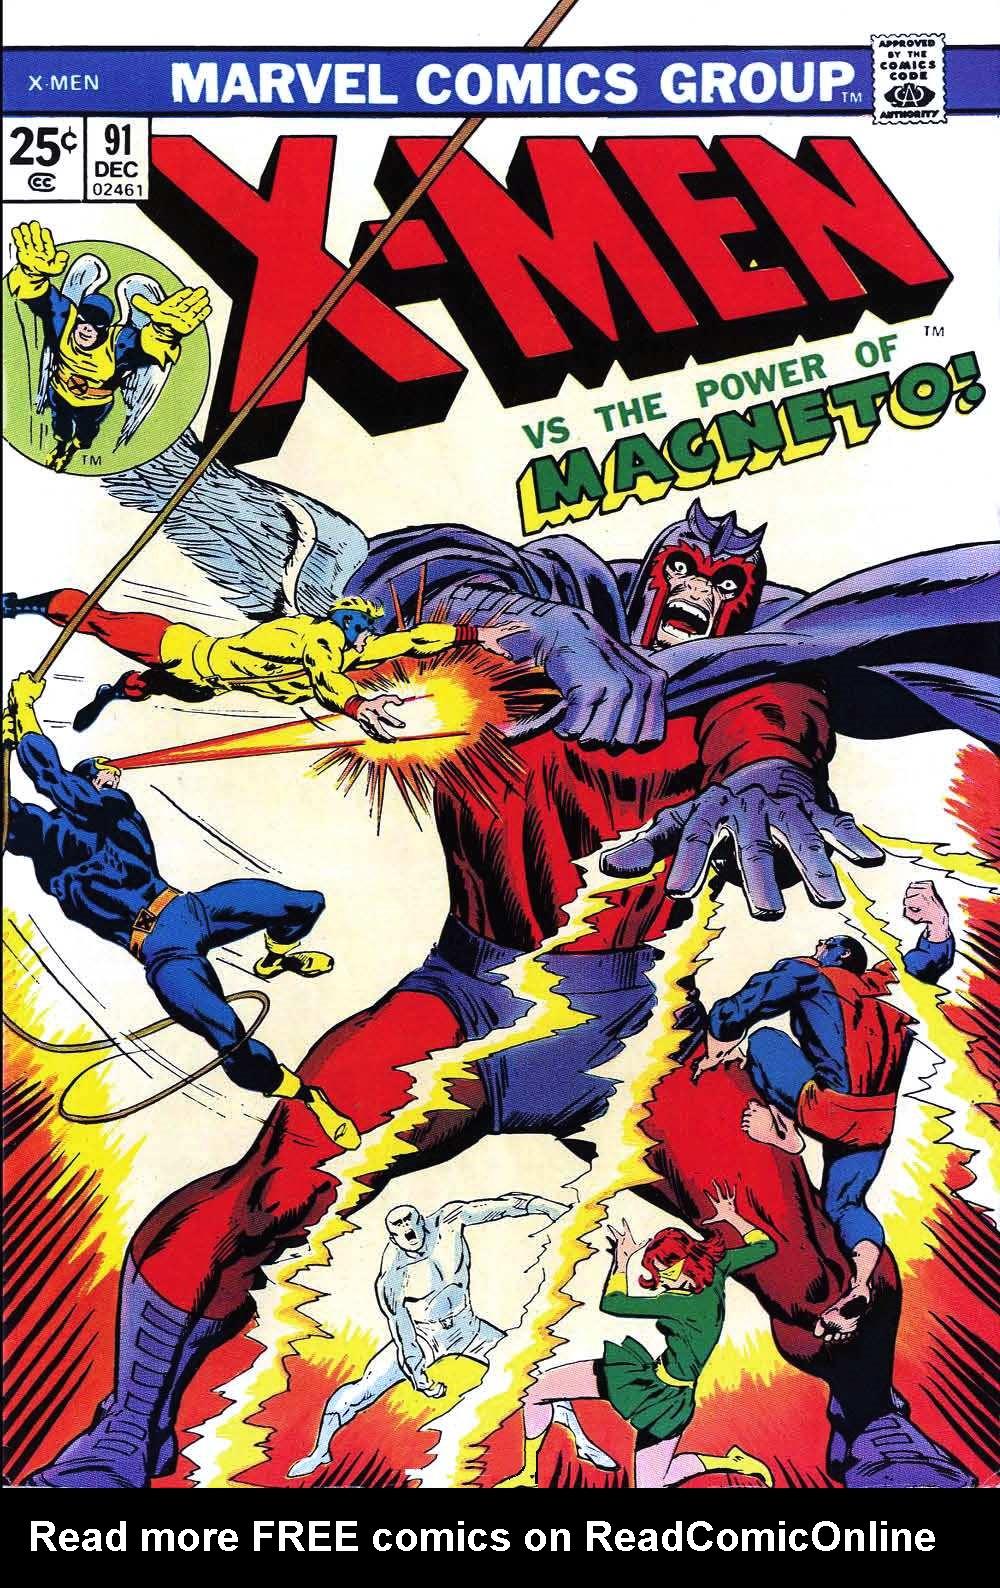 Uncanny X-Men (1963) 91 Page 1